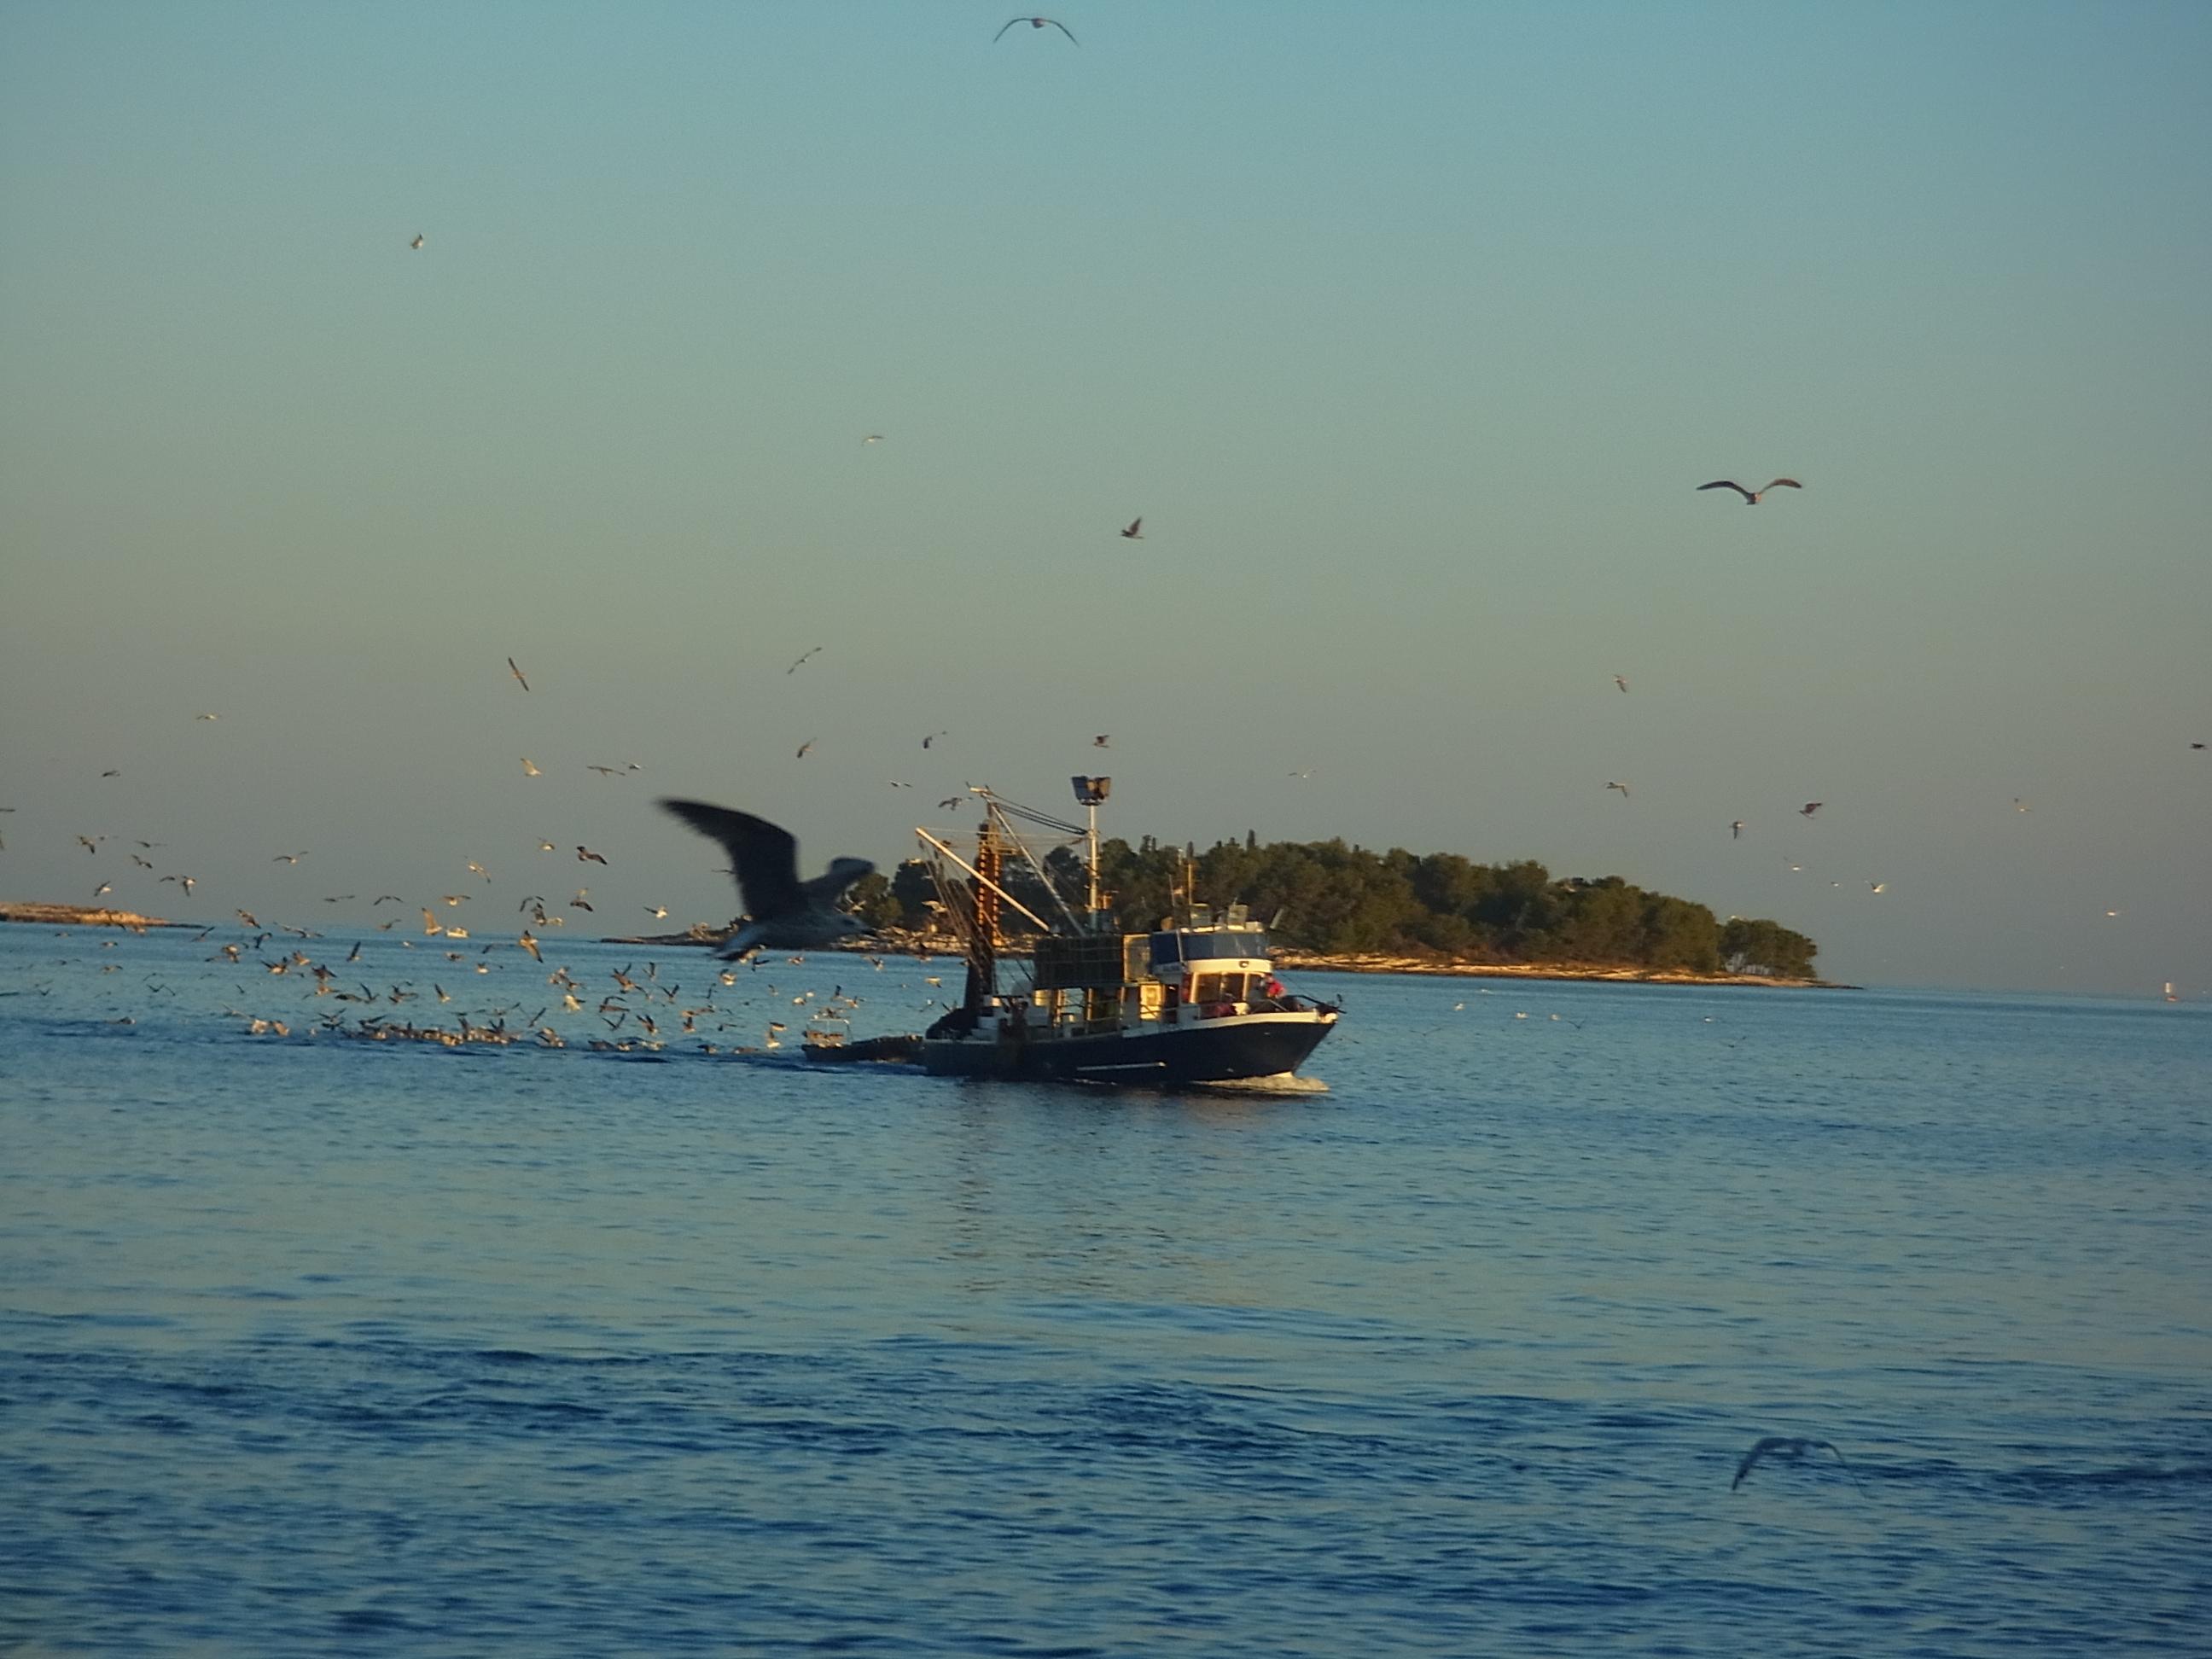 Ein Fischerboot bringt ausser Fisch auch Geflügel mit